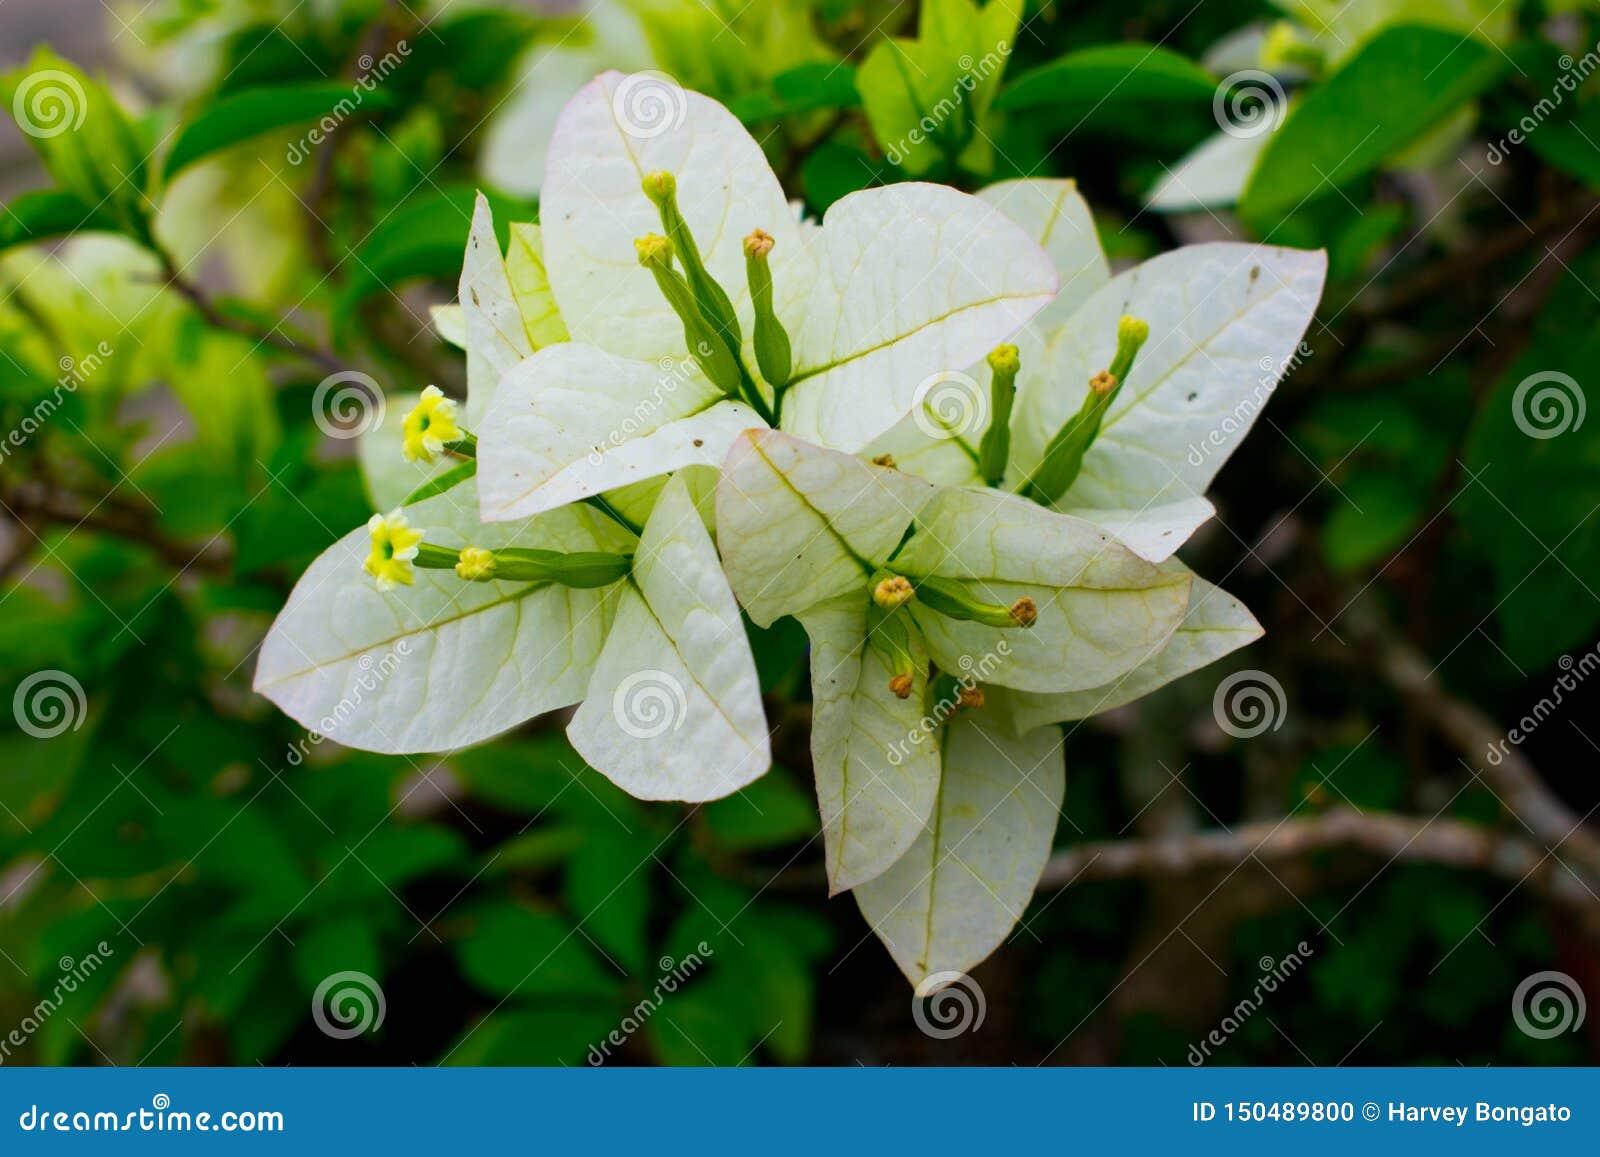 Kwitnący świeży i żywy biały Bougainvillea kwiat